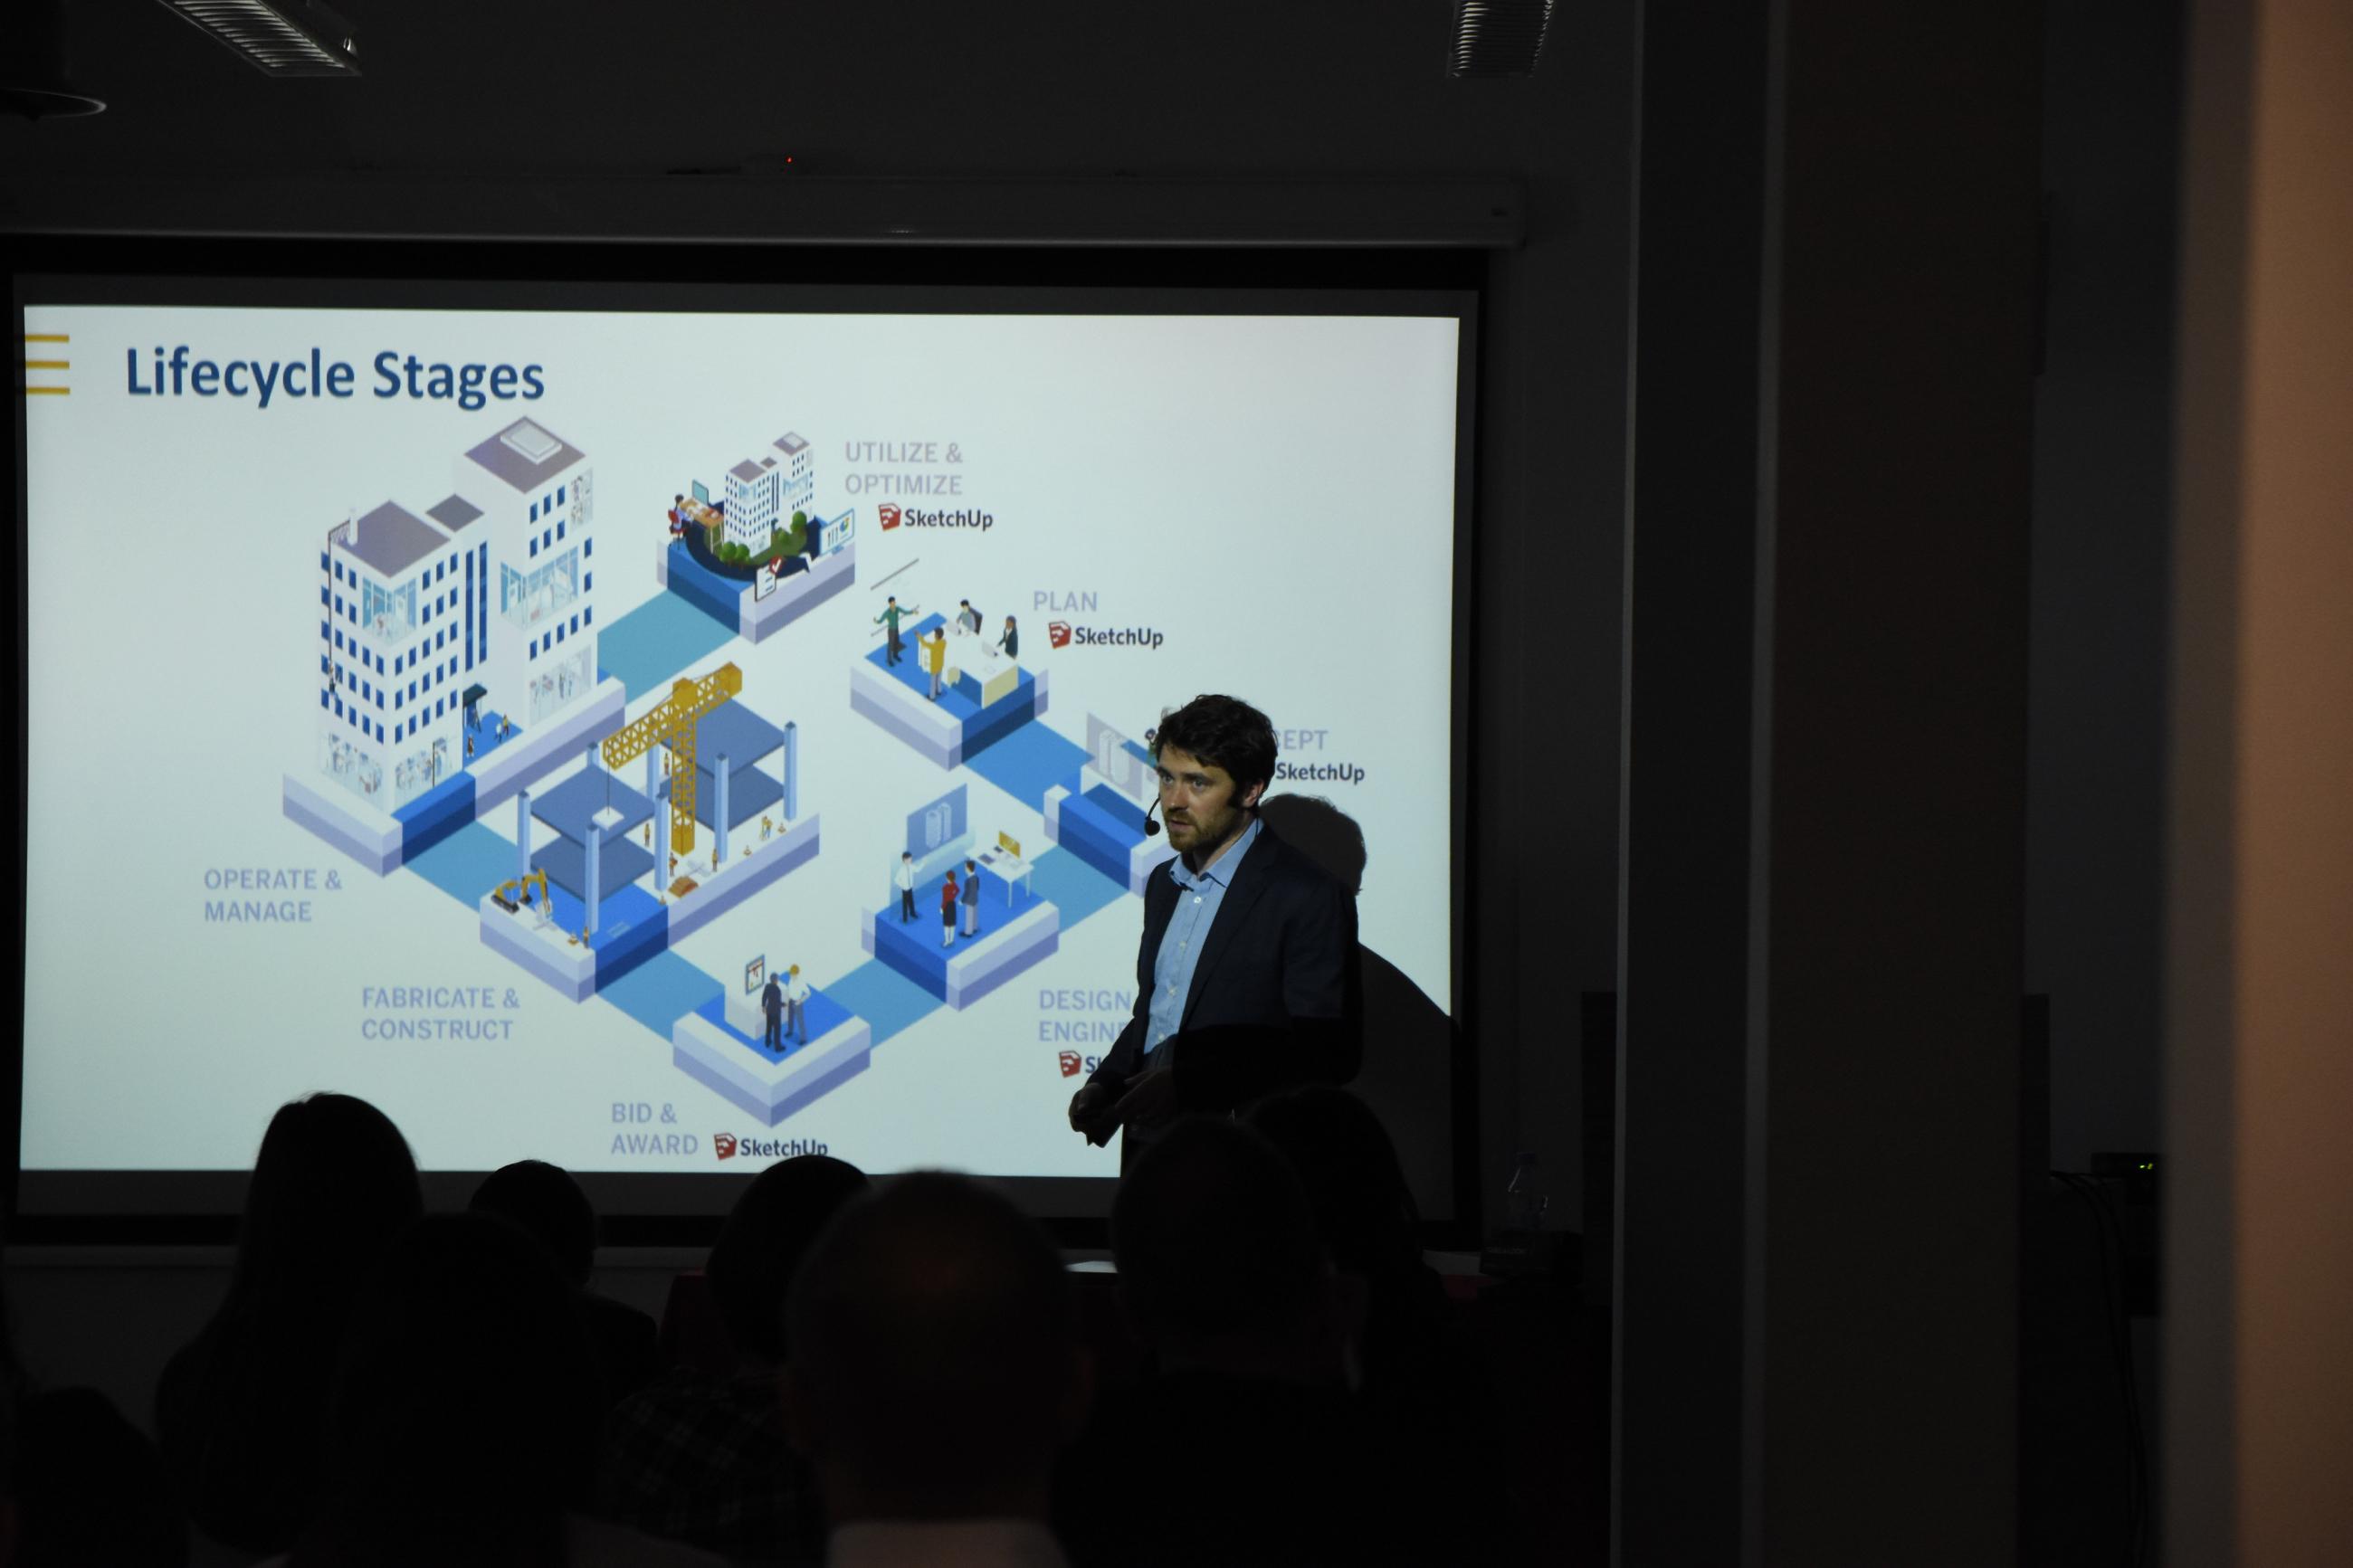 Rob O'Connor mówił o wykorzystaniu SketchUp w różnych etapach pracy z projektem